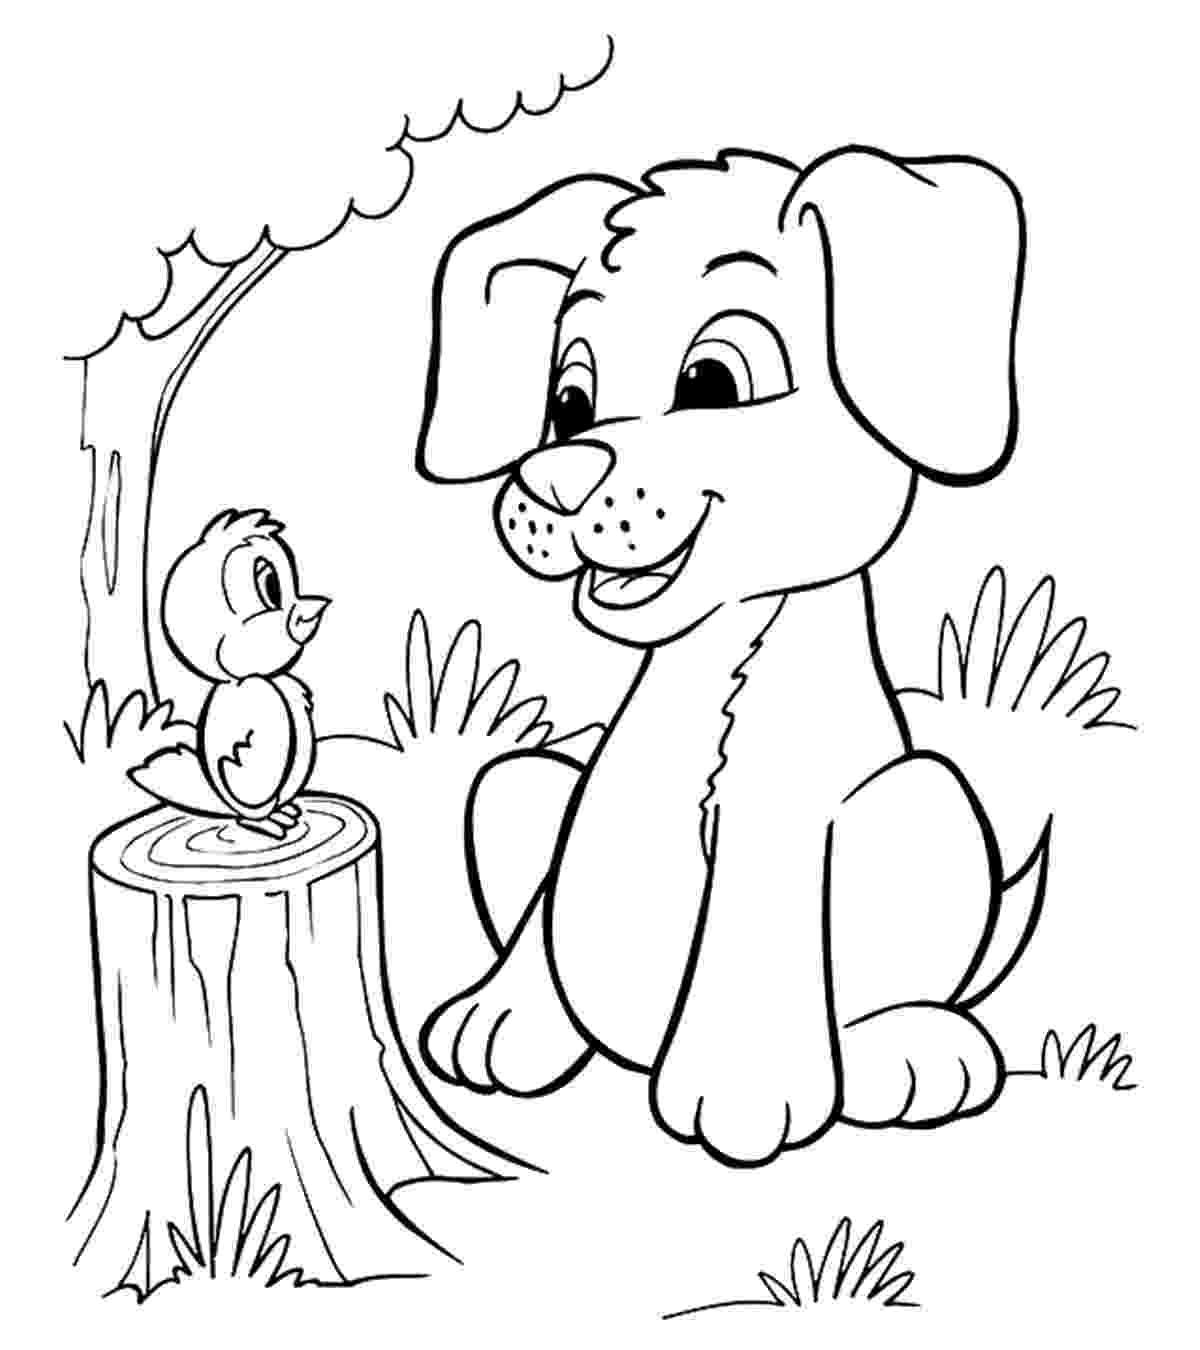 dog coloring sheets printable free printable dog coloring pages for kids printable dog sheets coloring